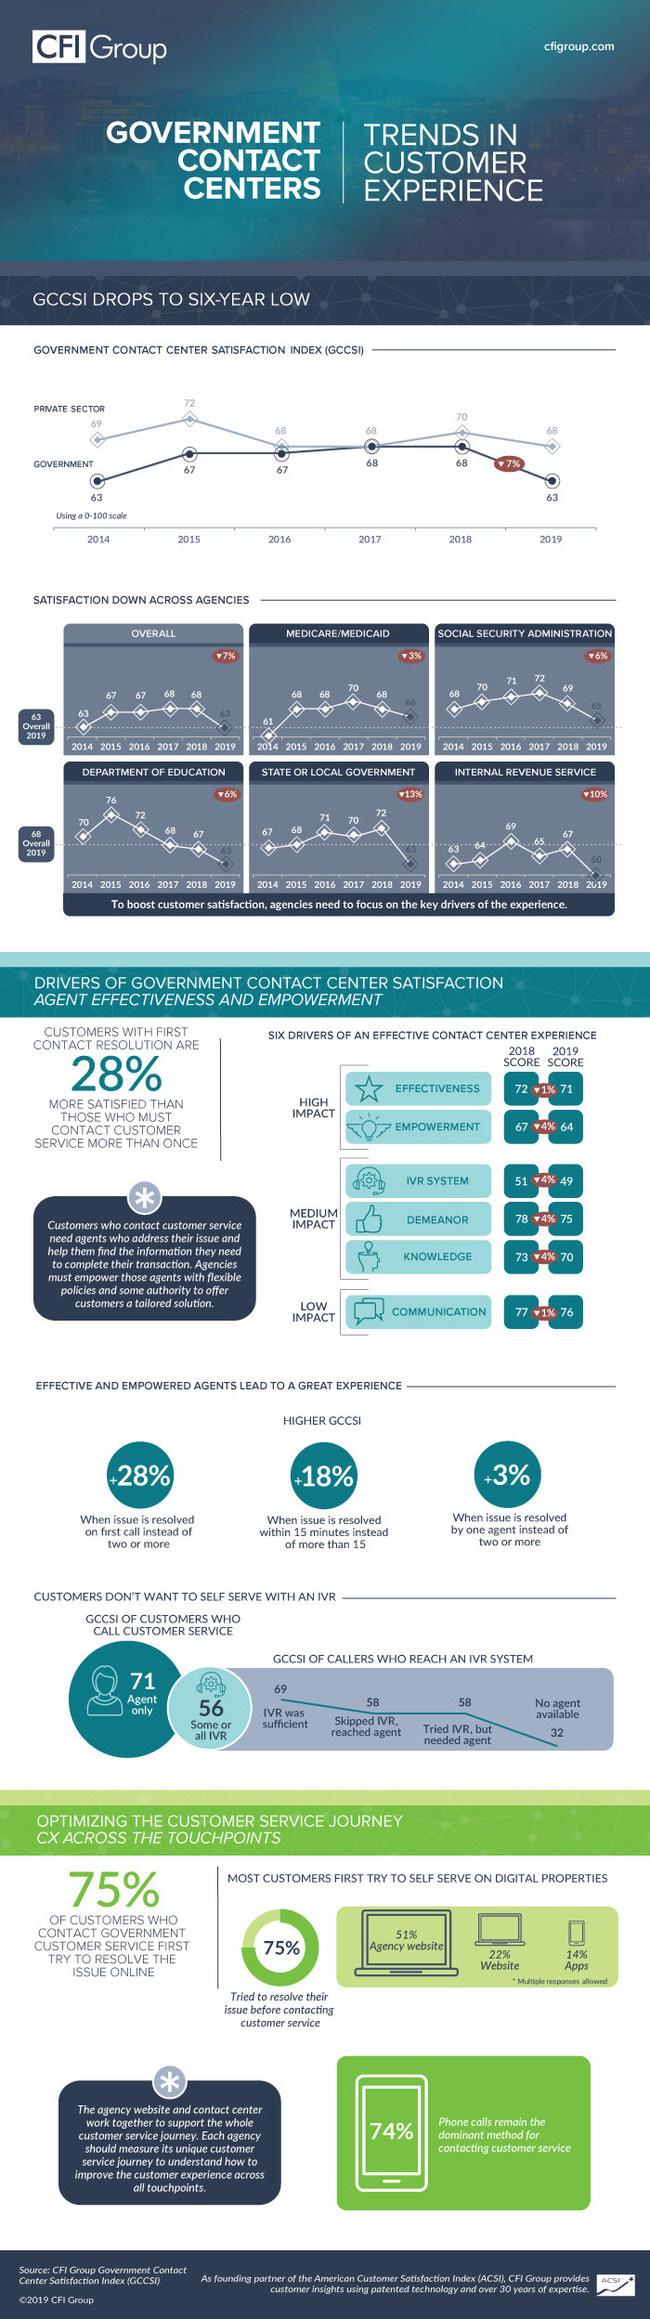 GCCSI 2019 Infographic